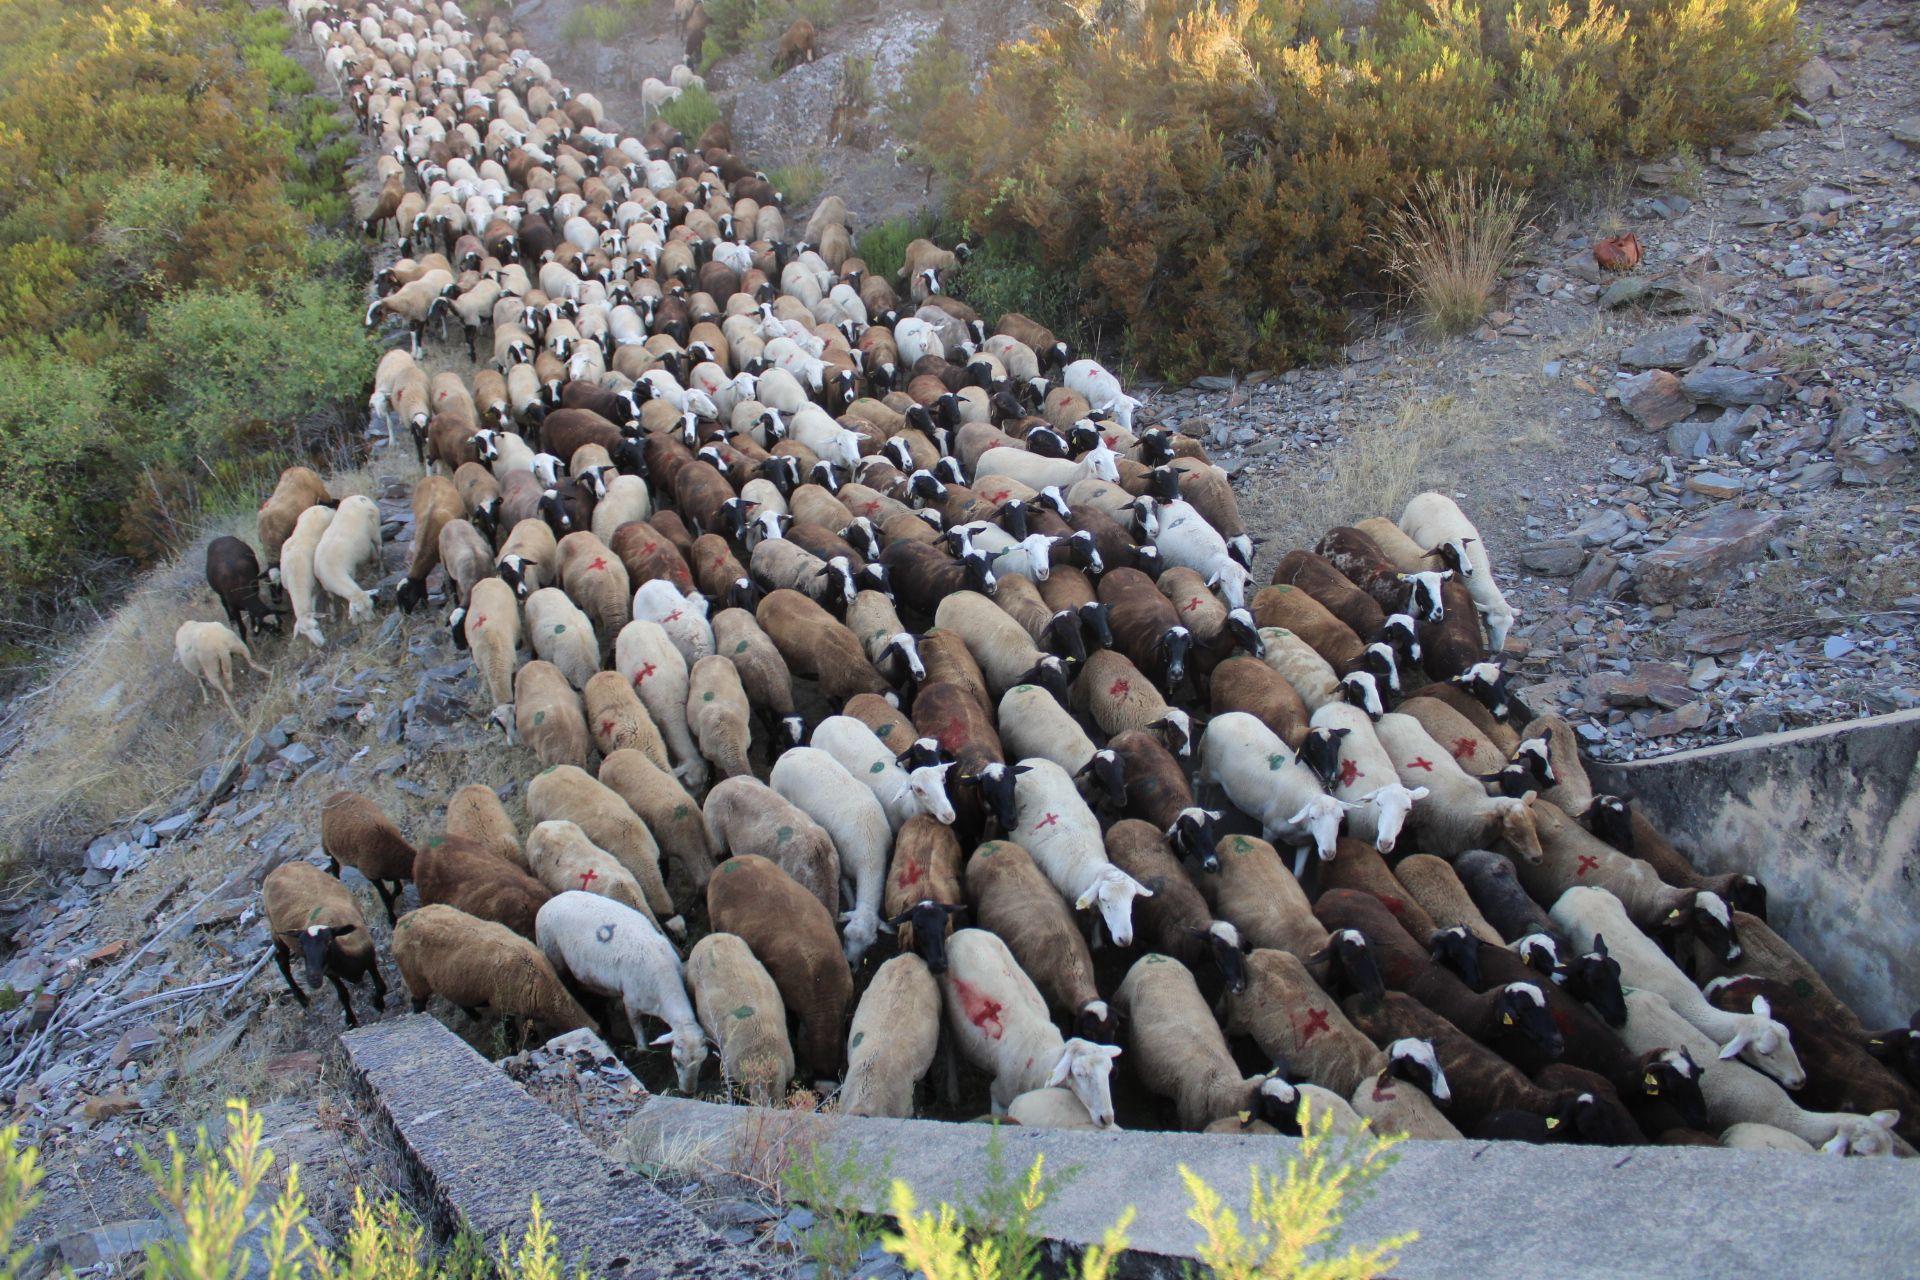 Las ovejas entran en un estrecho paso bajo la línea del ferrocarril.